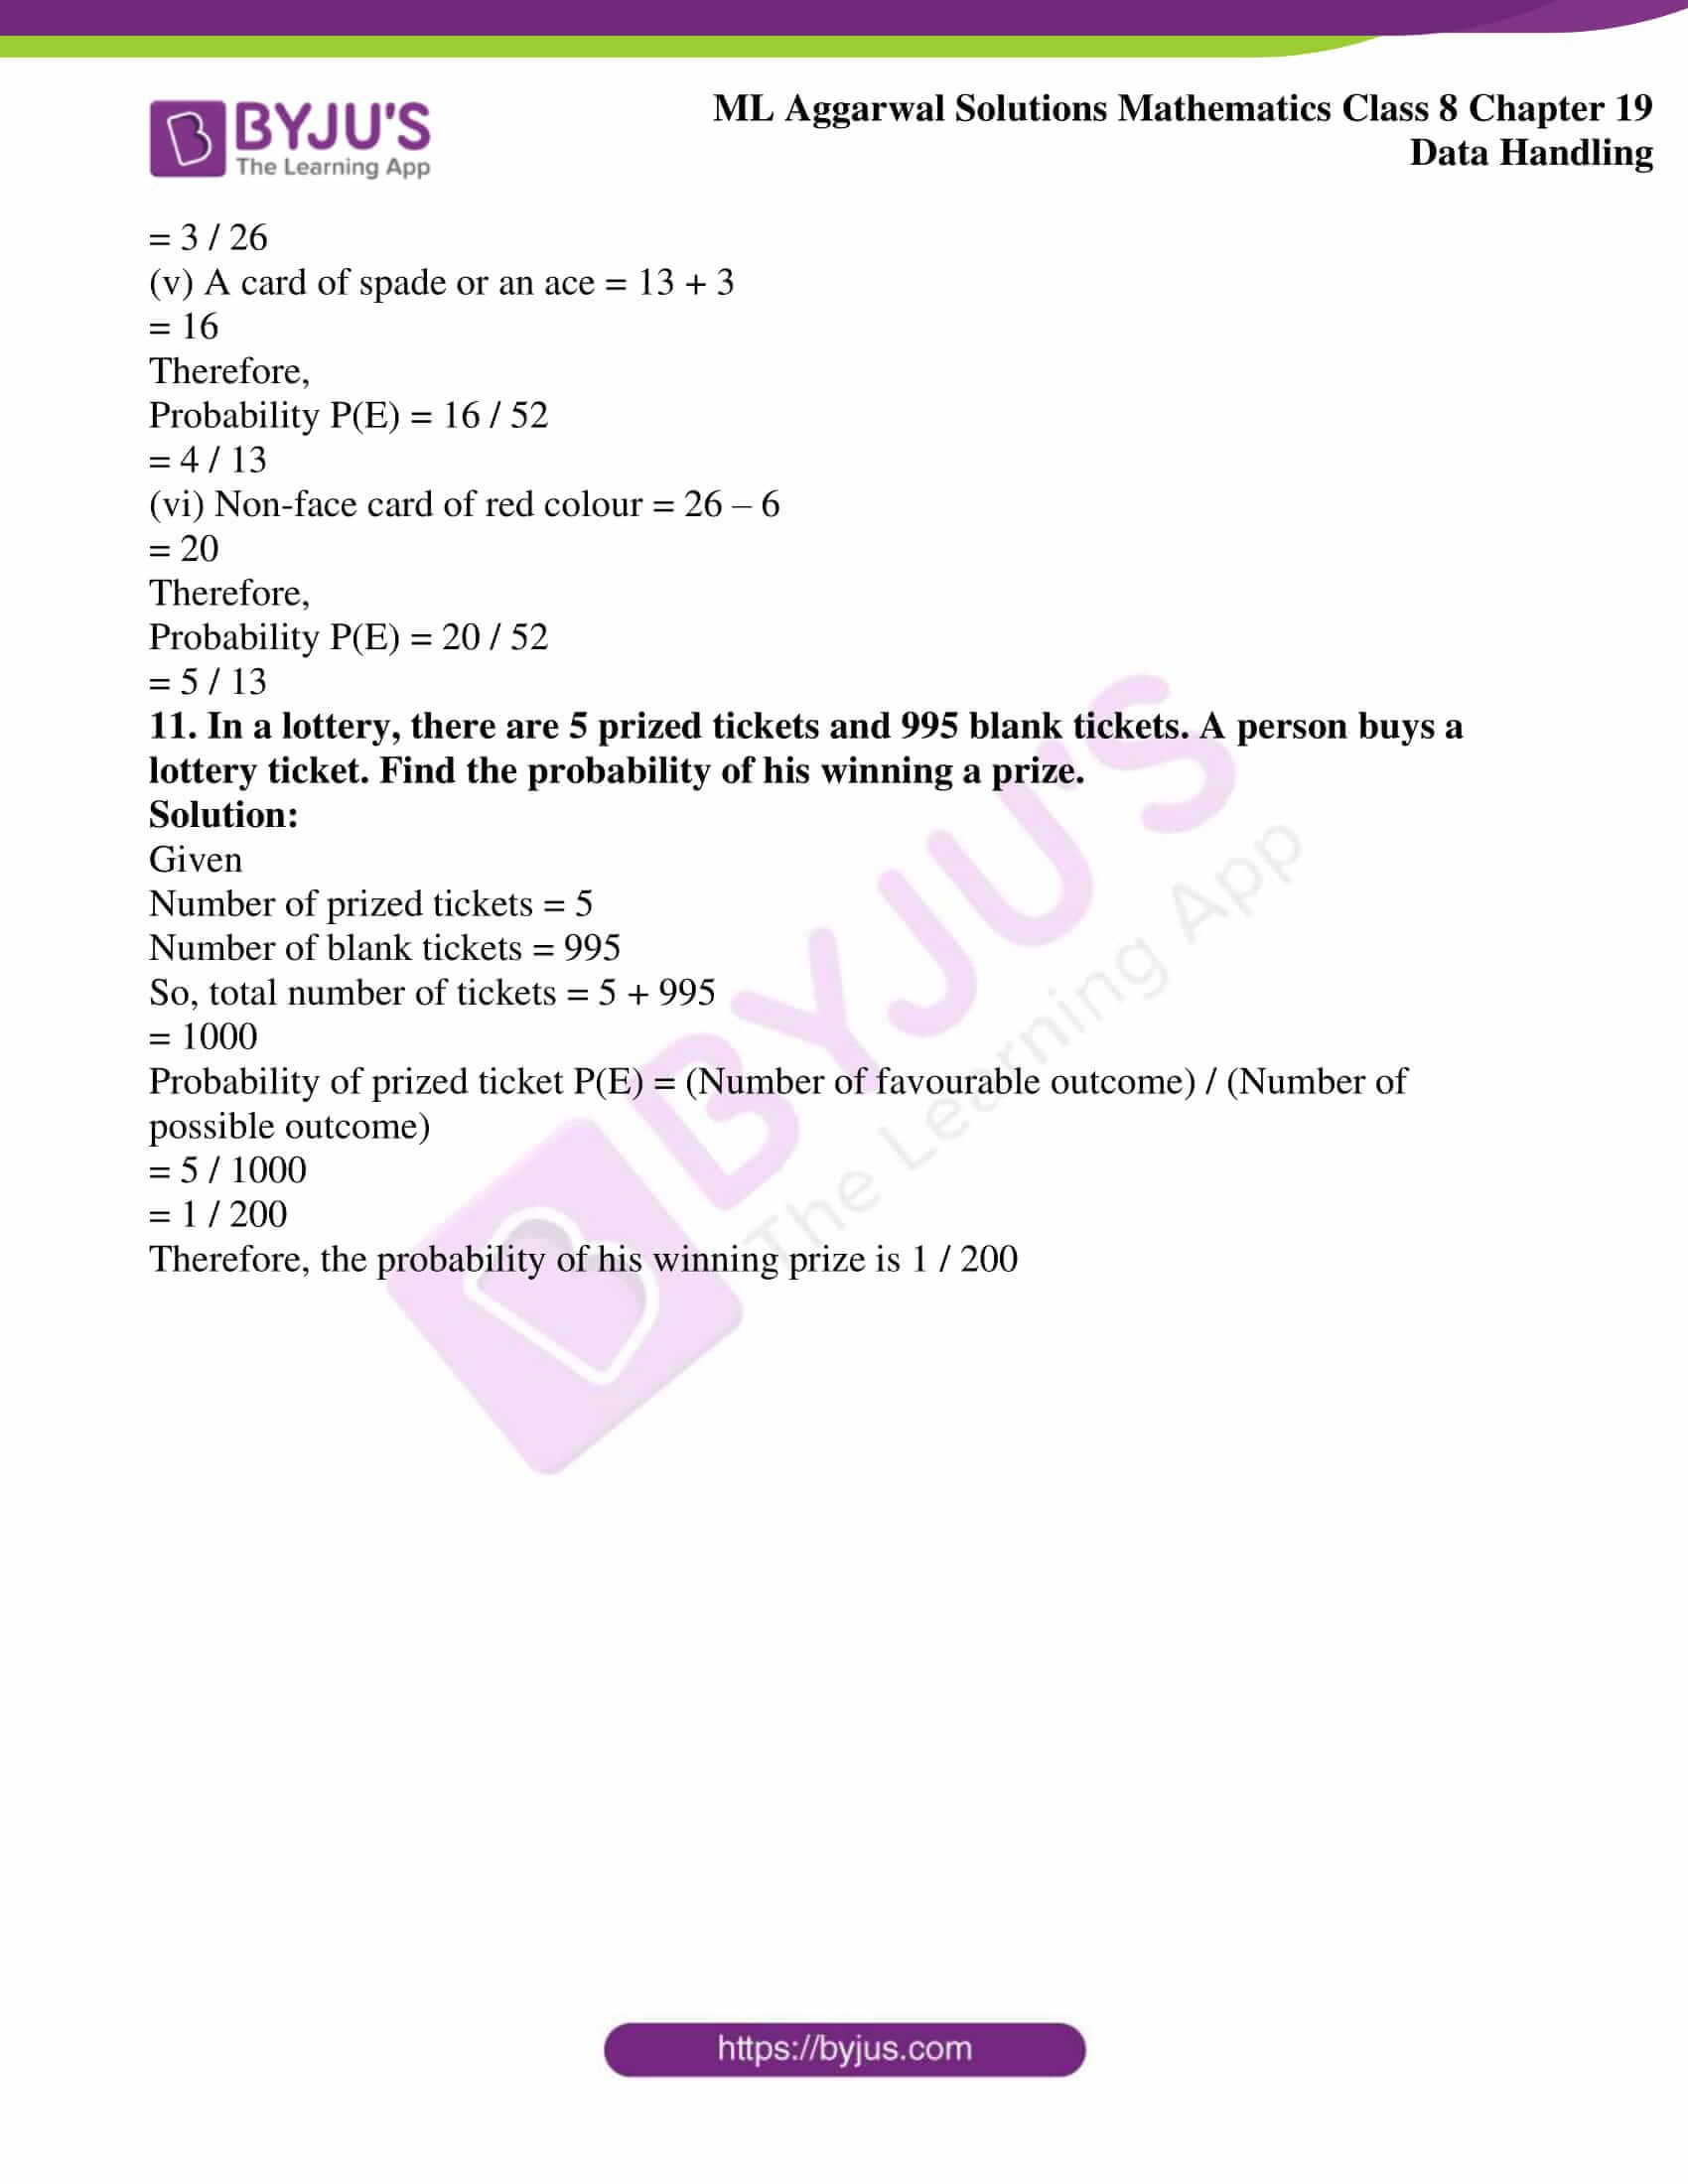 ml aggarwal sol mathematics class 8 ch 19 24